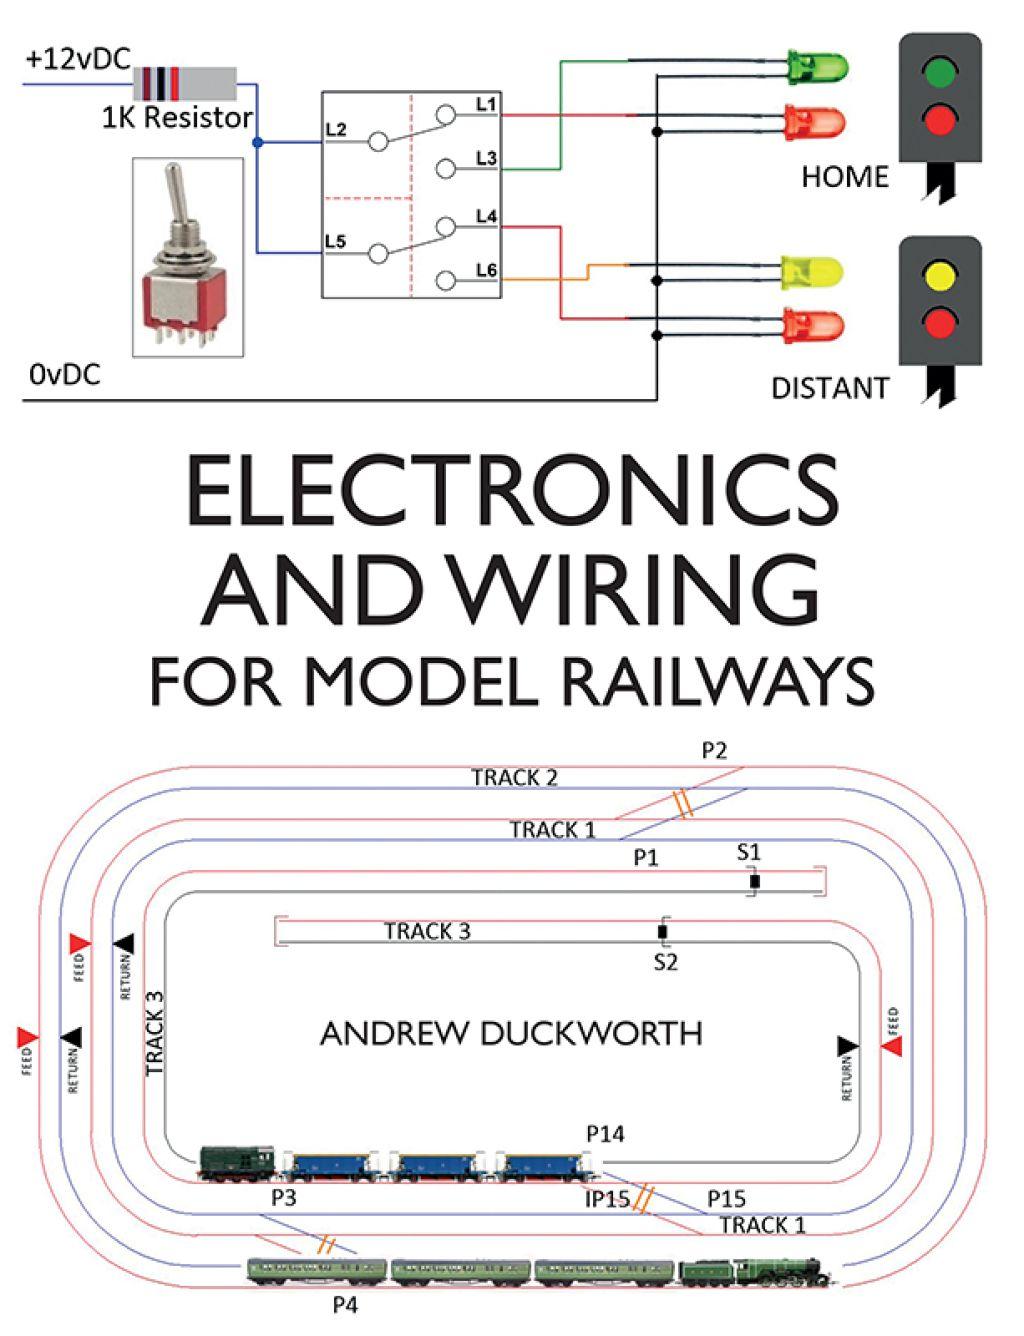 Electronics And Wiring For Model Railways 9781785006234 Modeltreinen Trein Oude Treinen